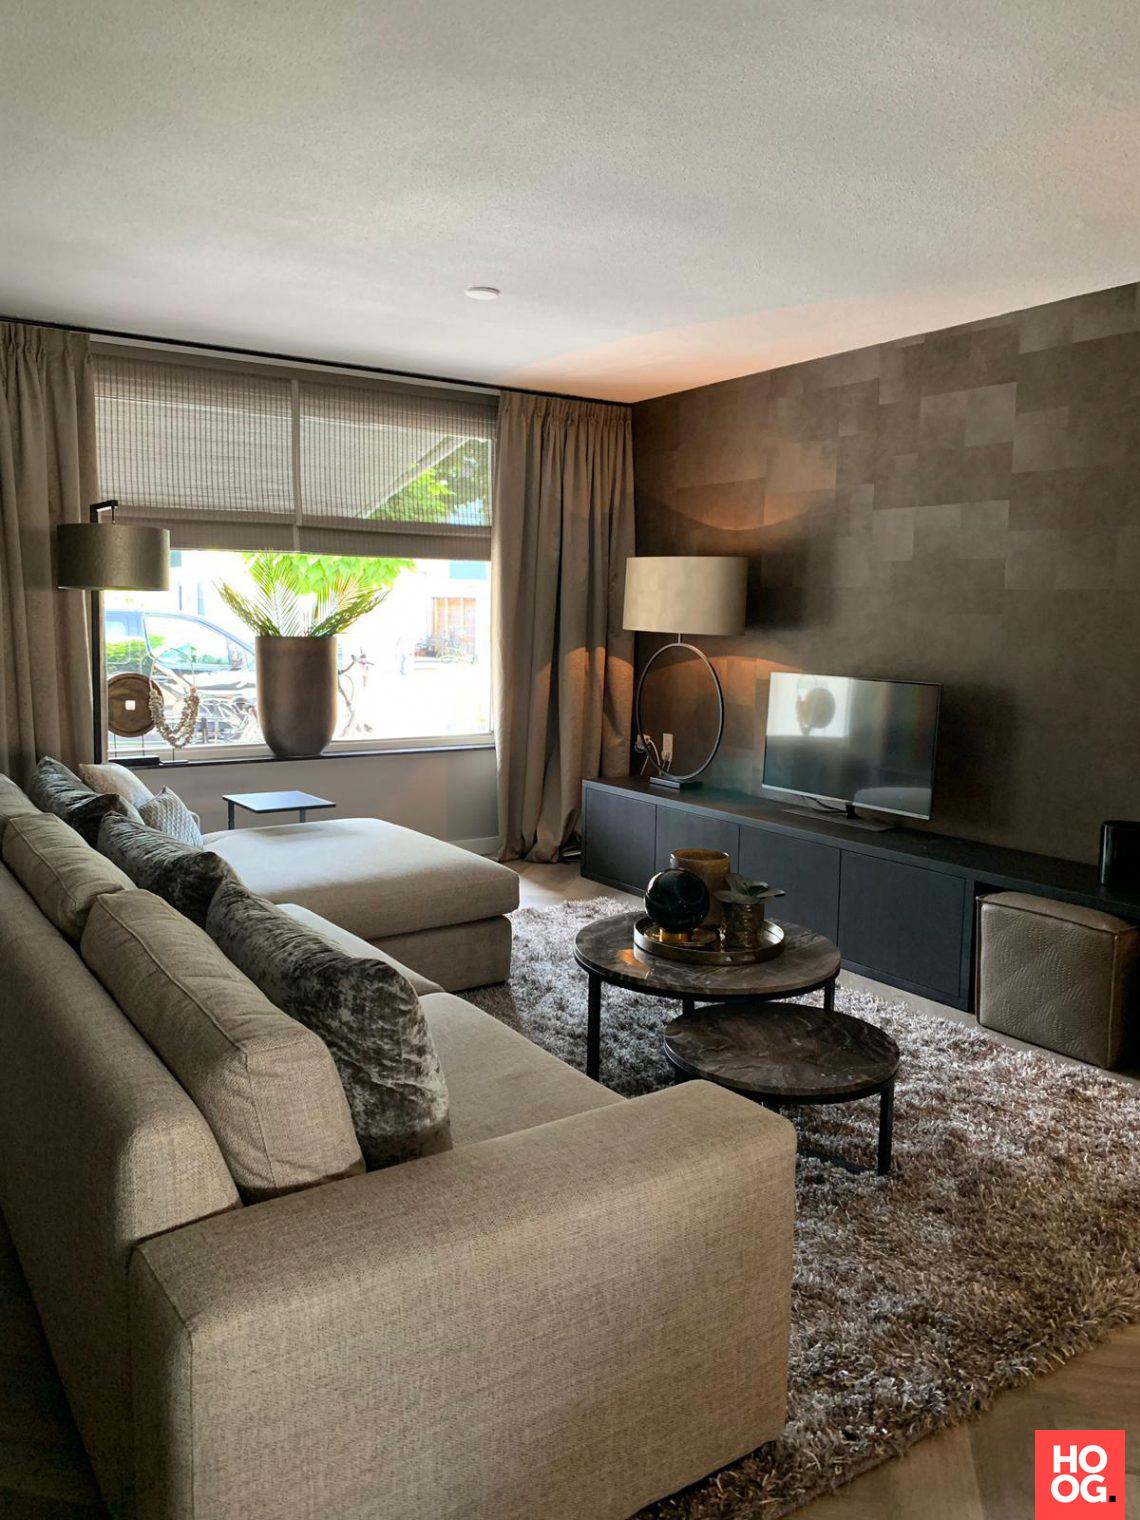 livingroomdécor  Déco intérieur salon, Décoration intérieure